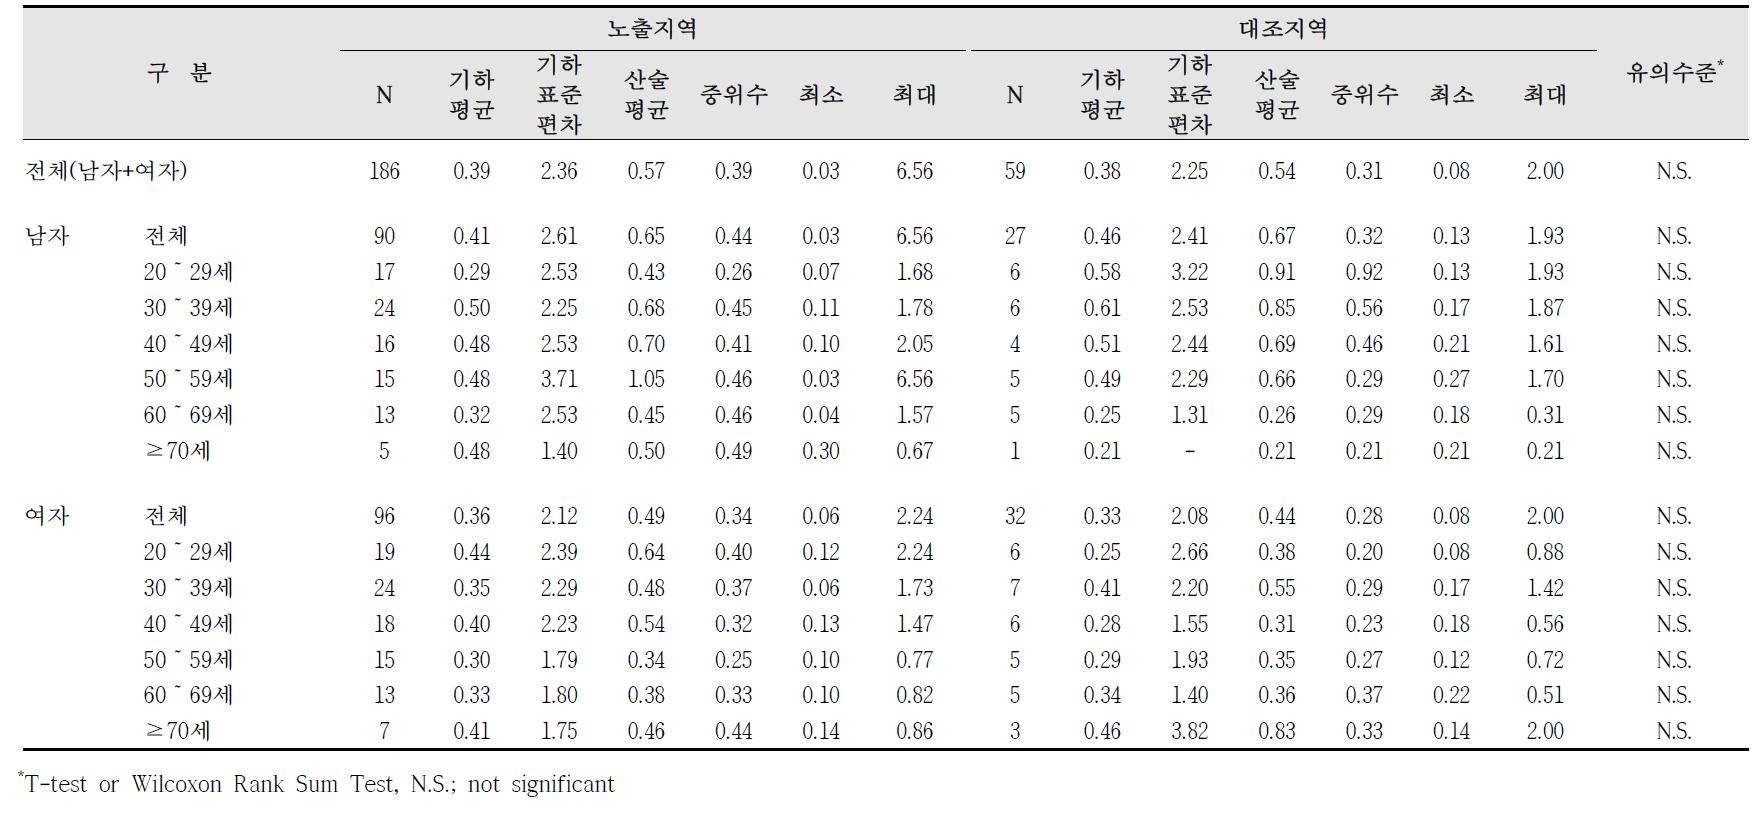 청주산업단지 요중 2-hydroxyfluorene 농도 비교